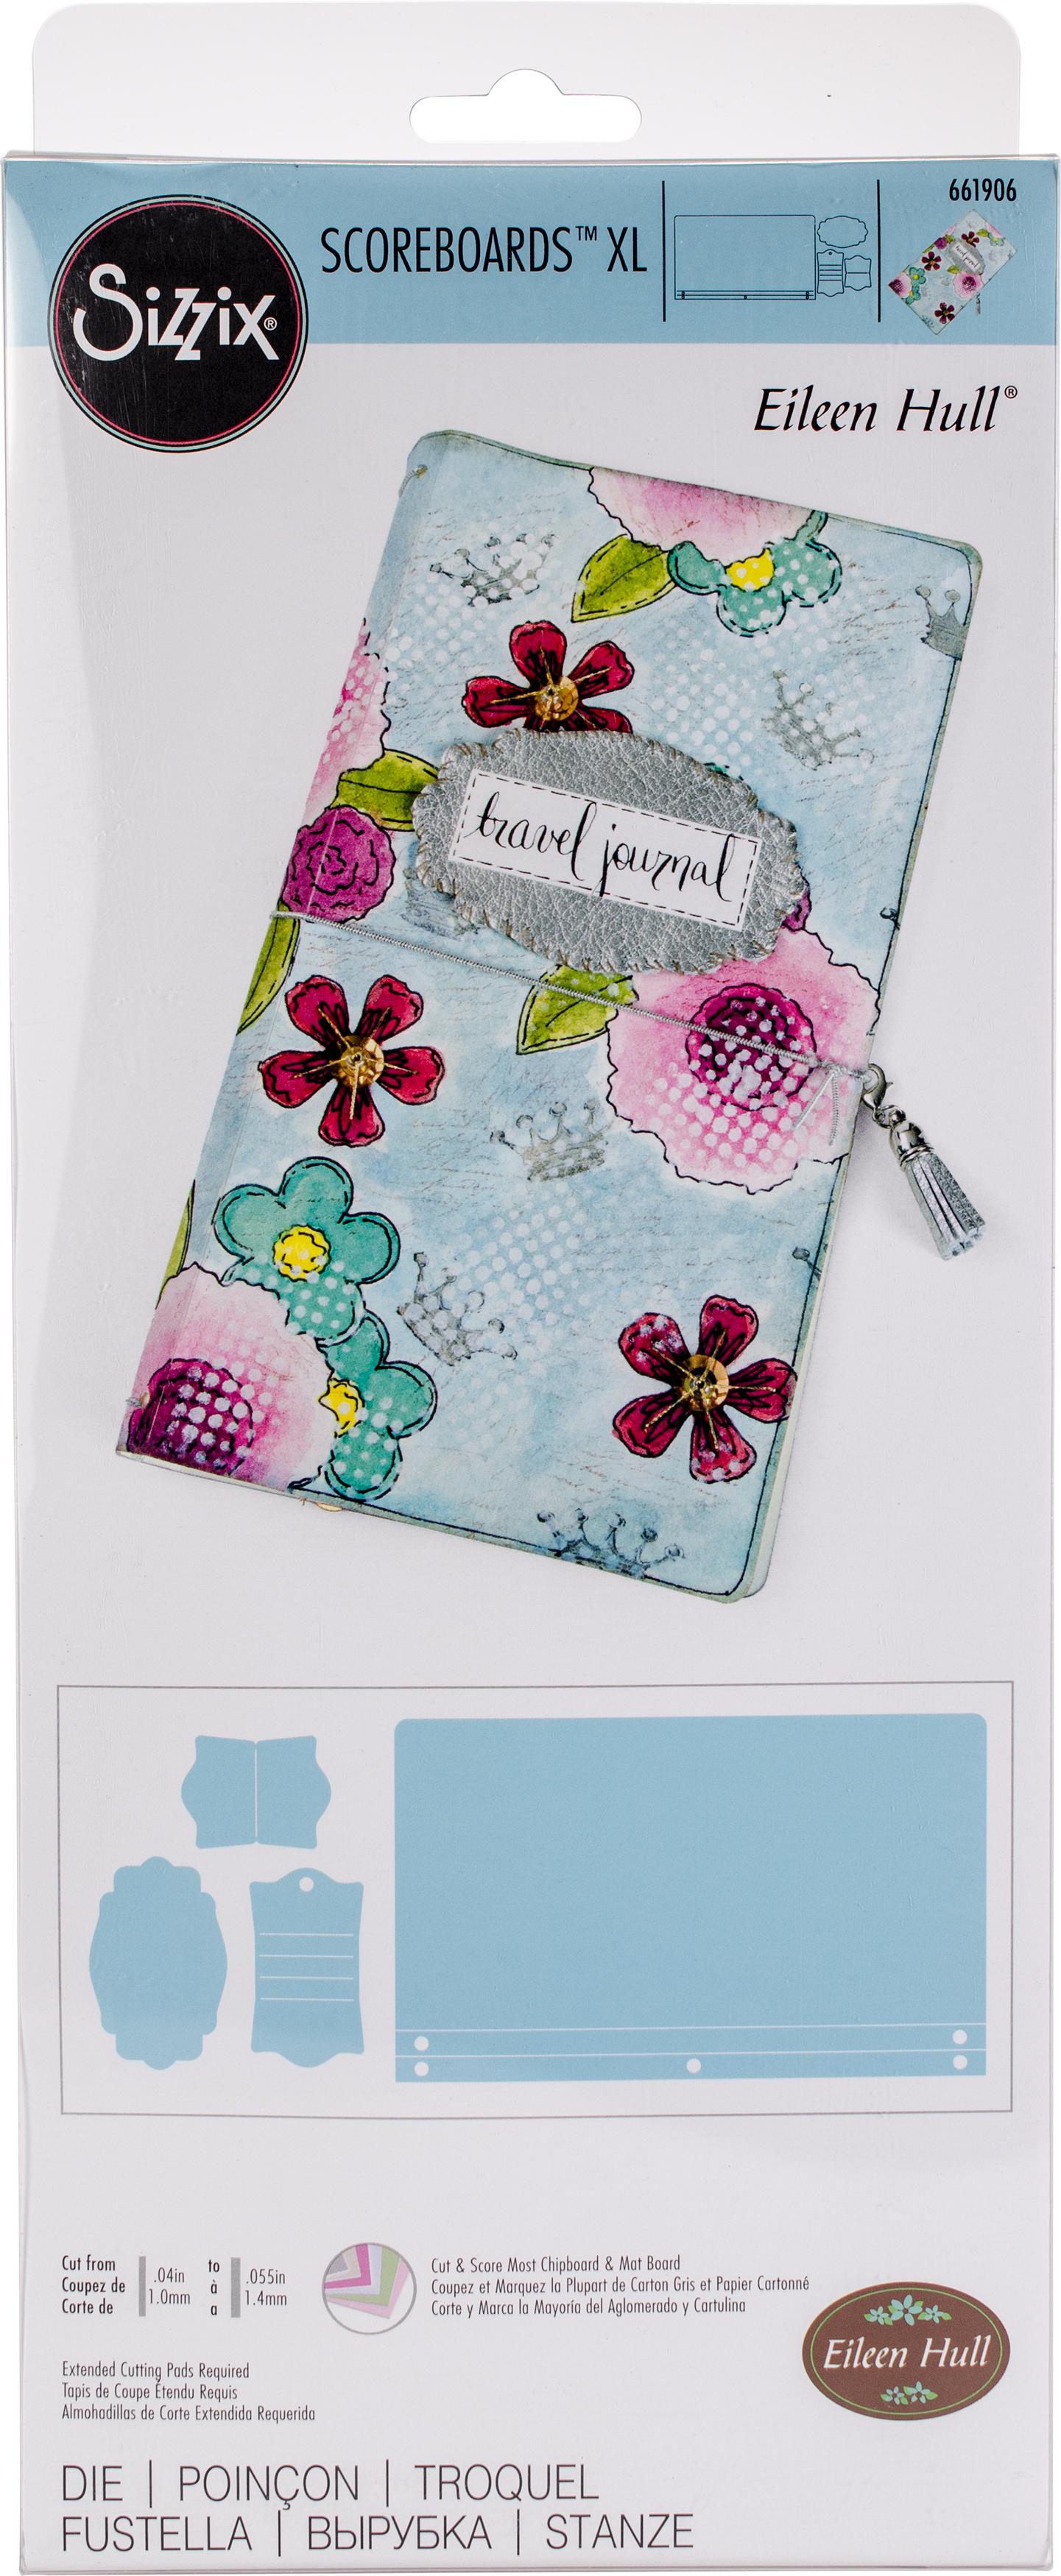 designer Eileen Hull Sizzix Bigz XL Journal die #661906 Retail $39.99 AWESOME